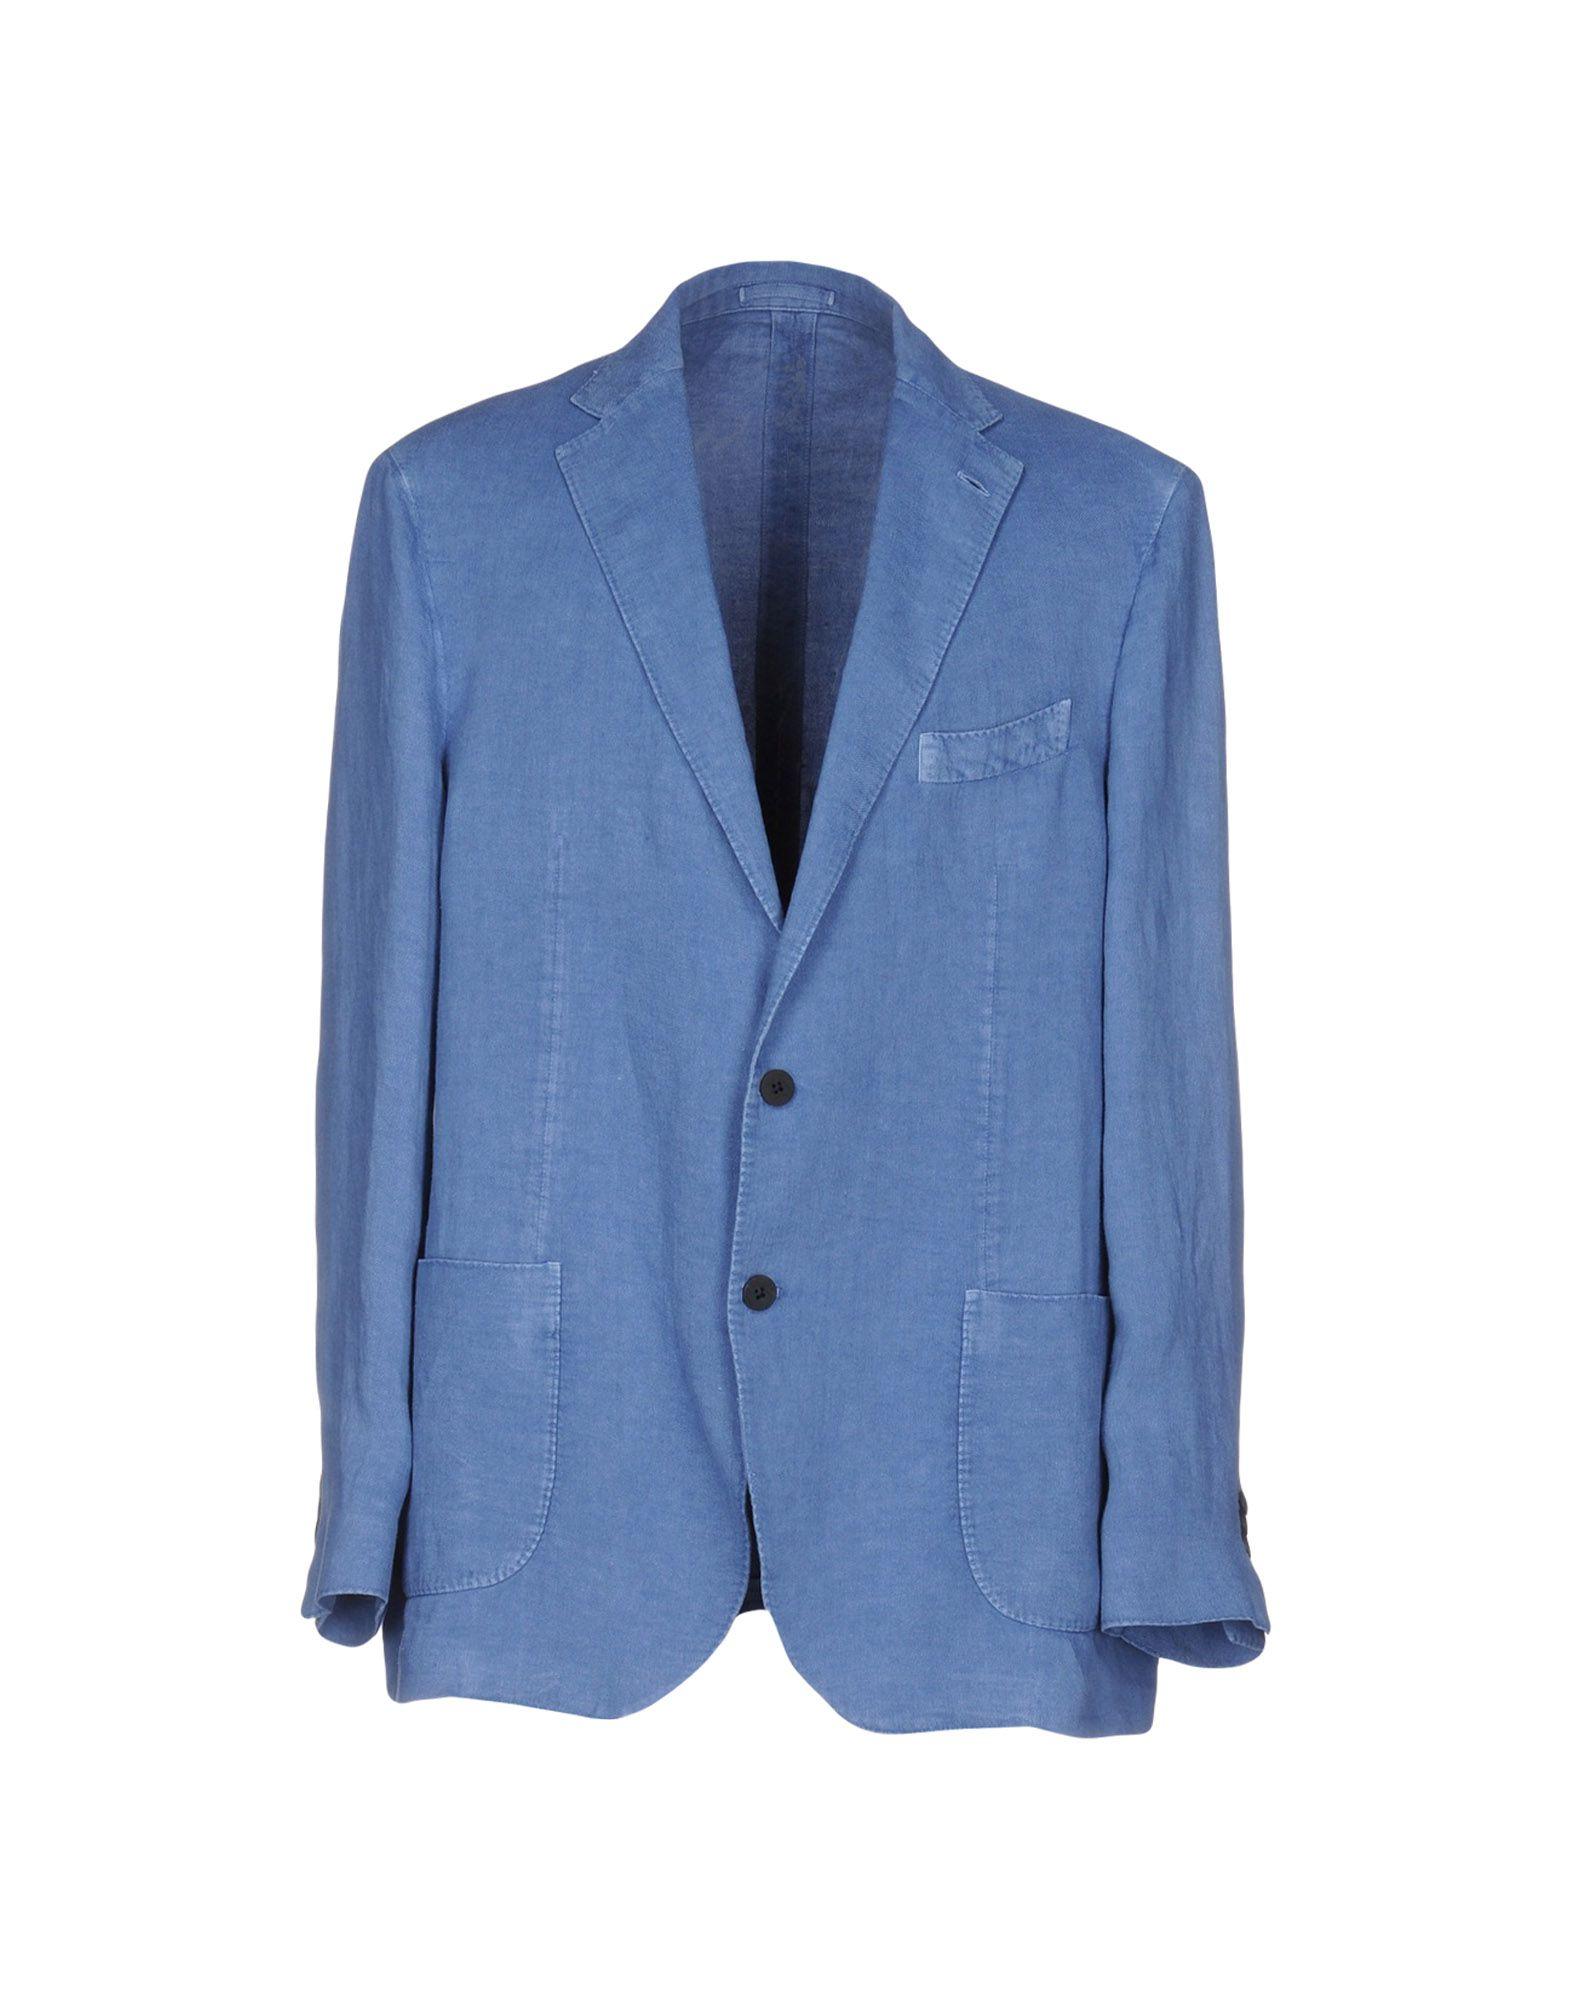 LARDINI Herren Jackett Farbe Blaugrau Größe 6 - broschei